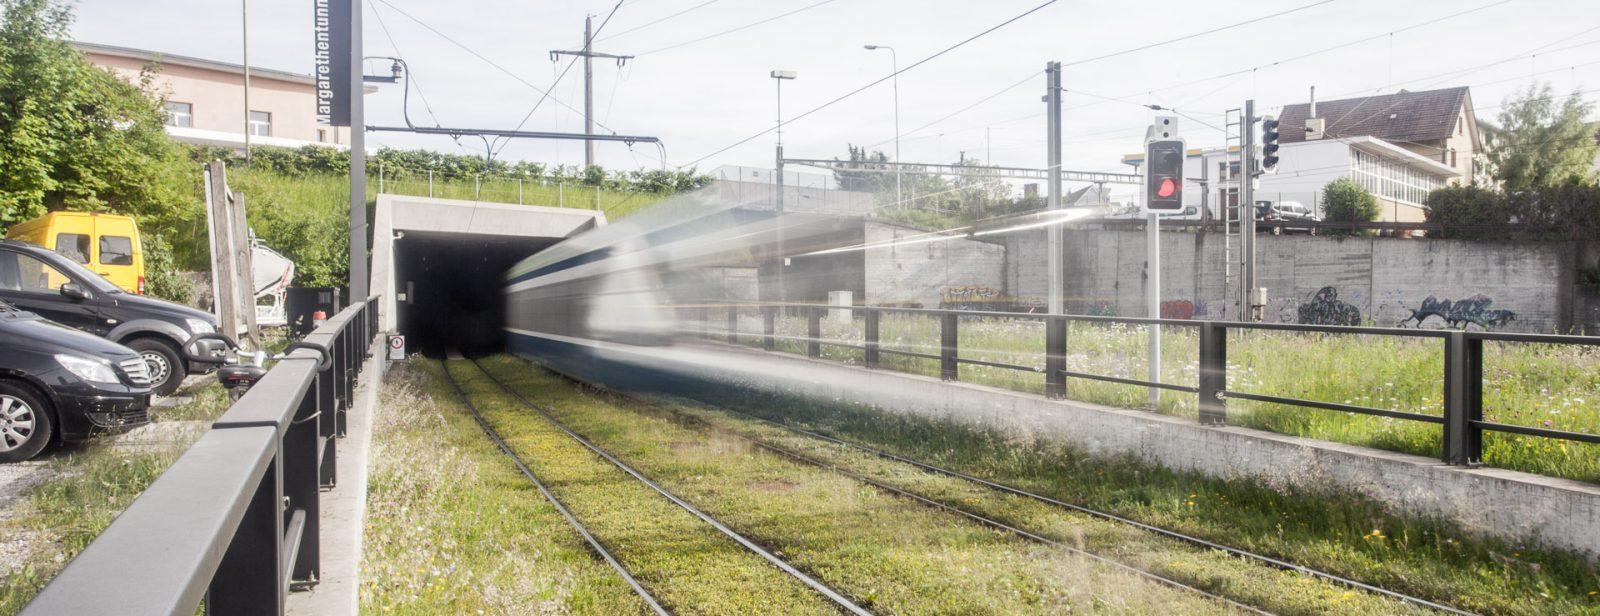 Margarethentunnel Glattalbahn, Zürich